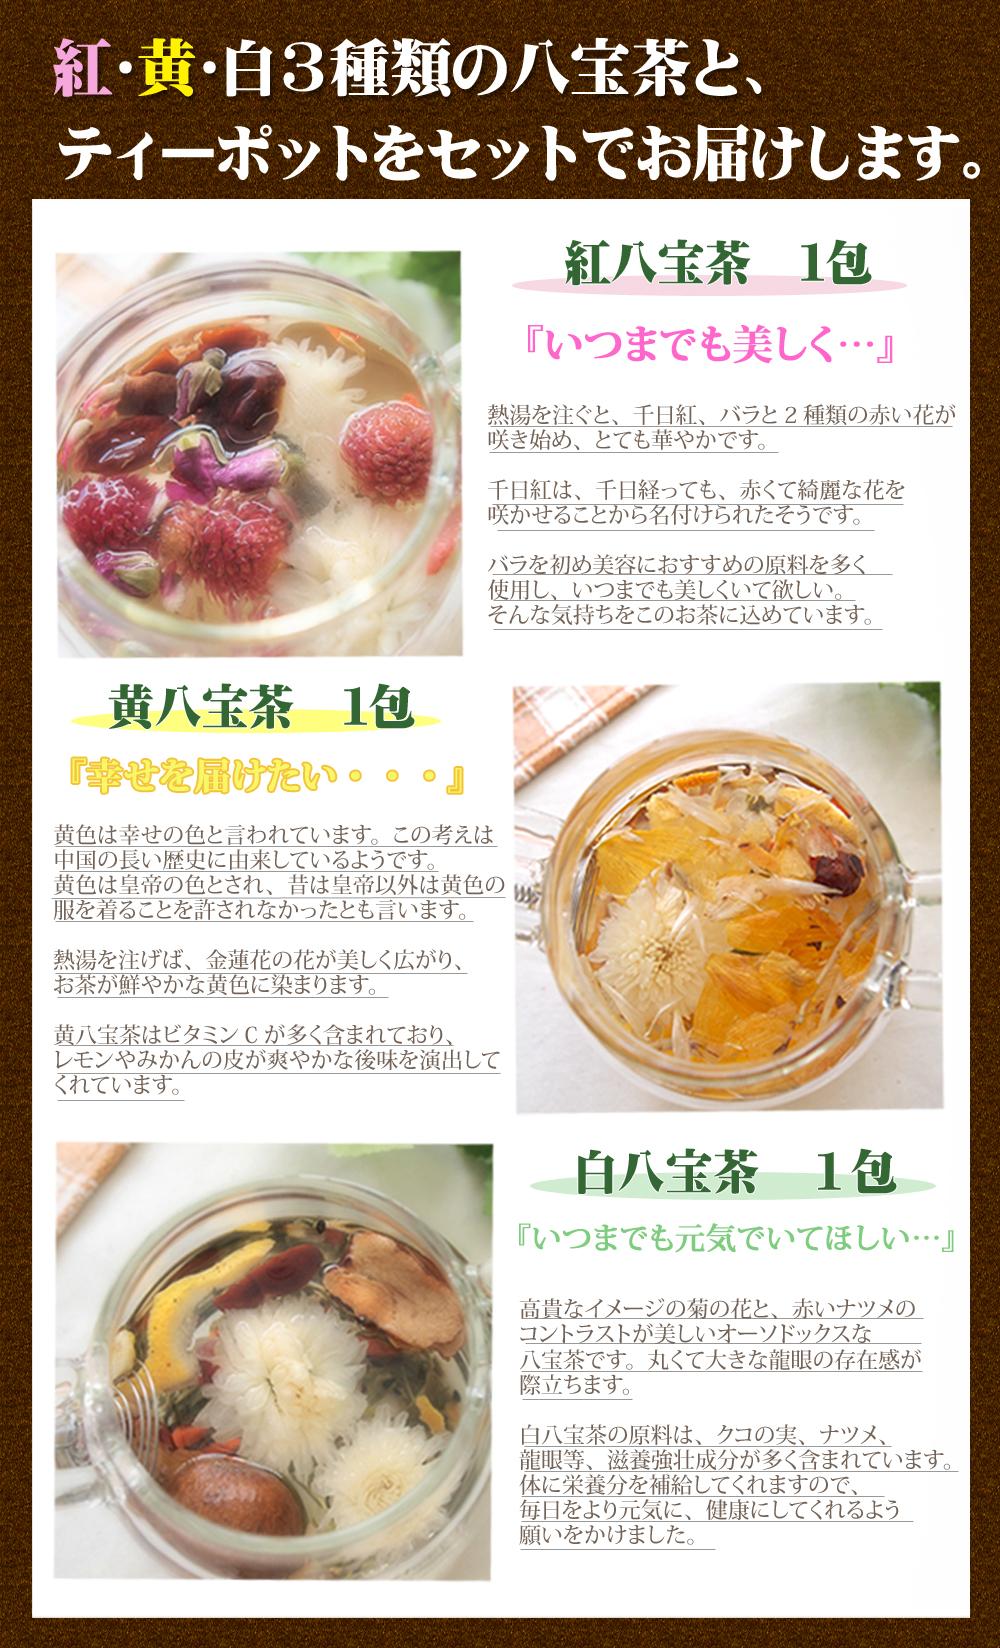 八宝茶セット商品内容